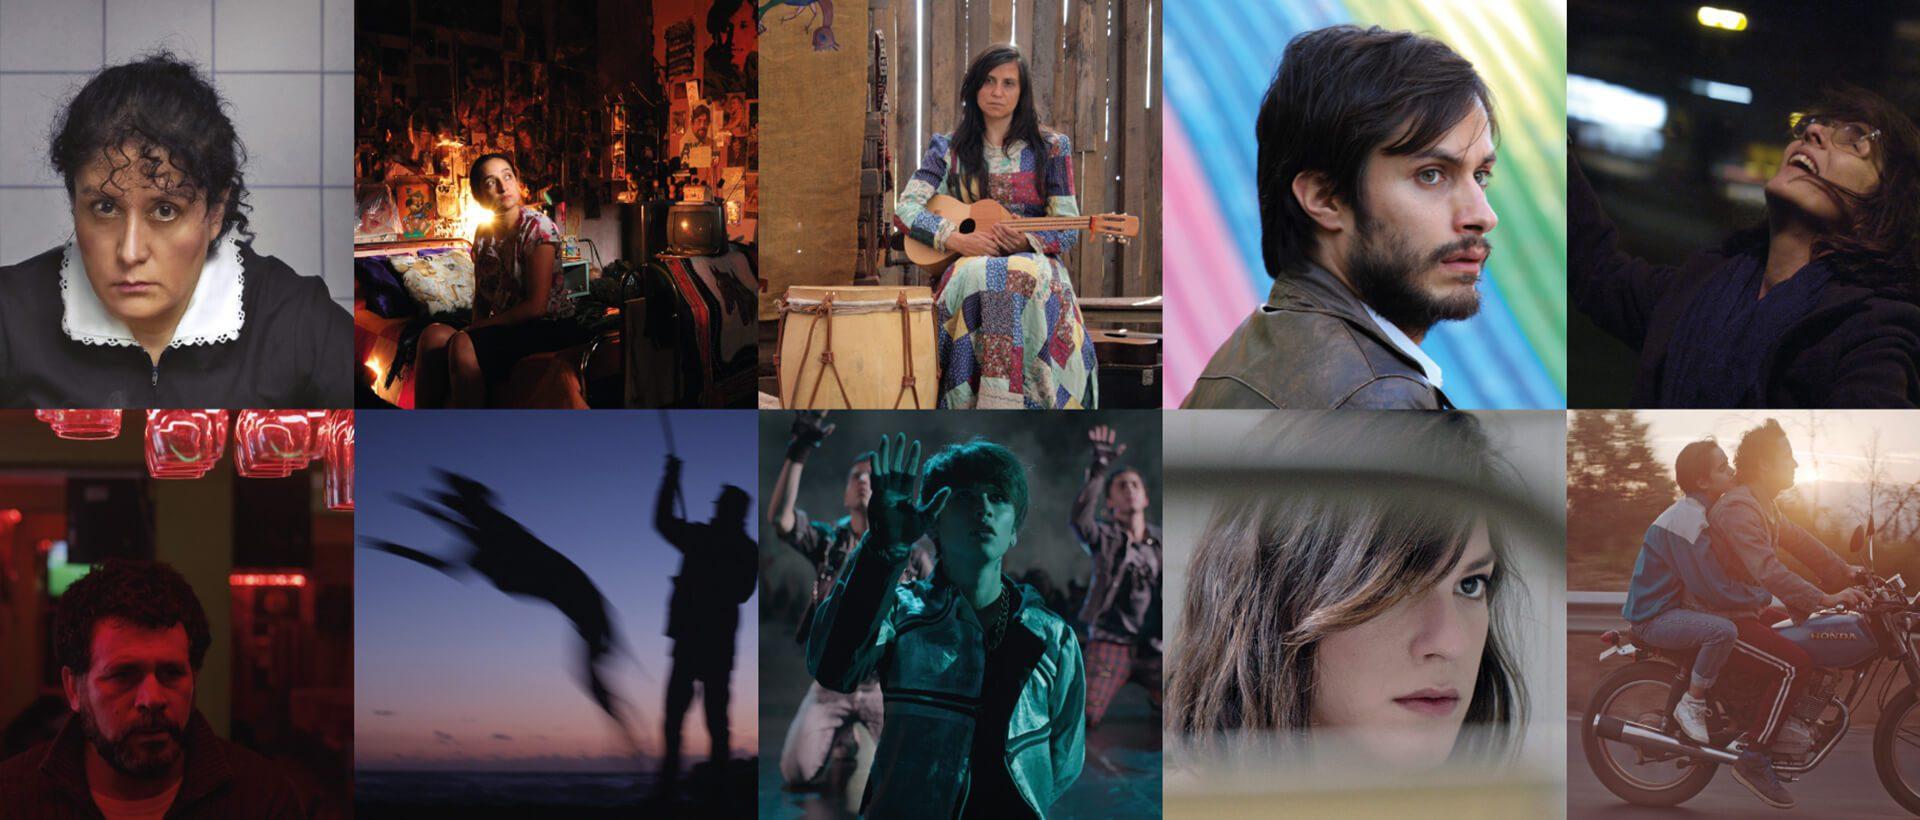 La «Semana del Cine Chileno» en Madrid será representada por sus grandes protagonistas